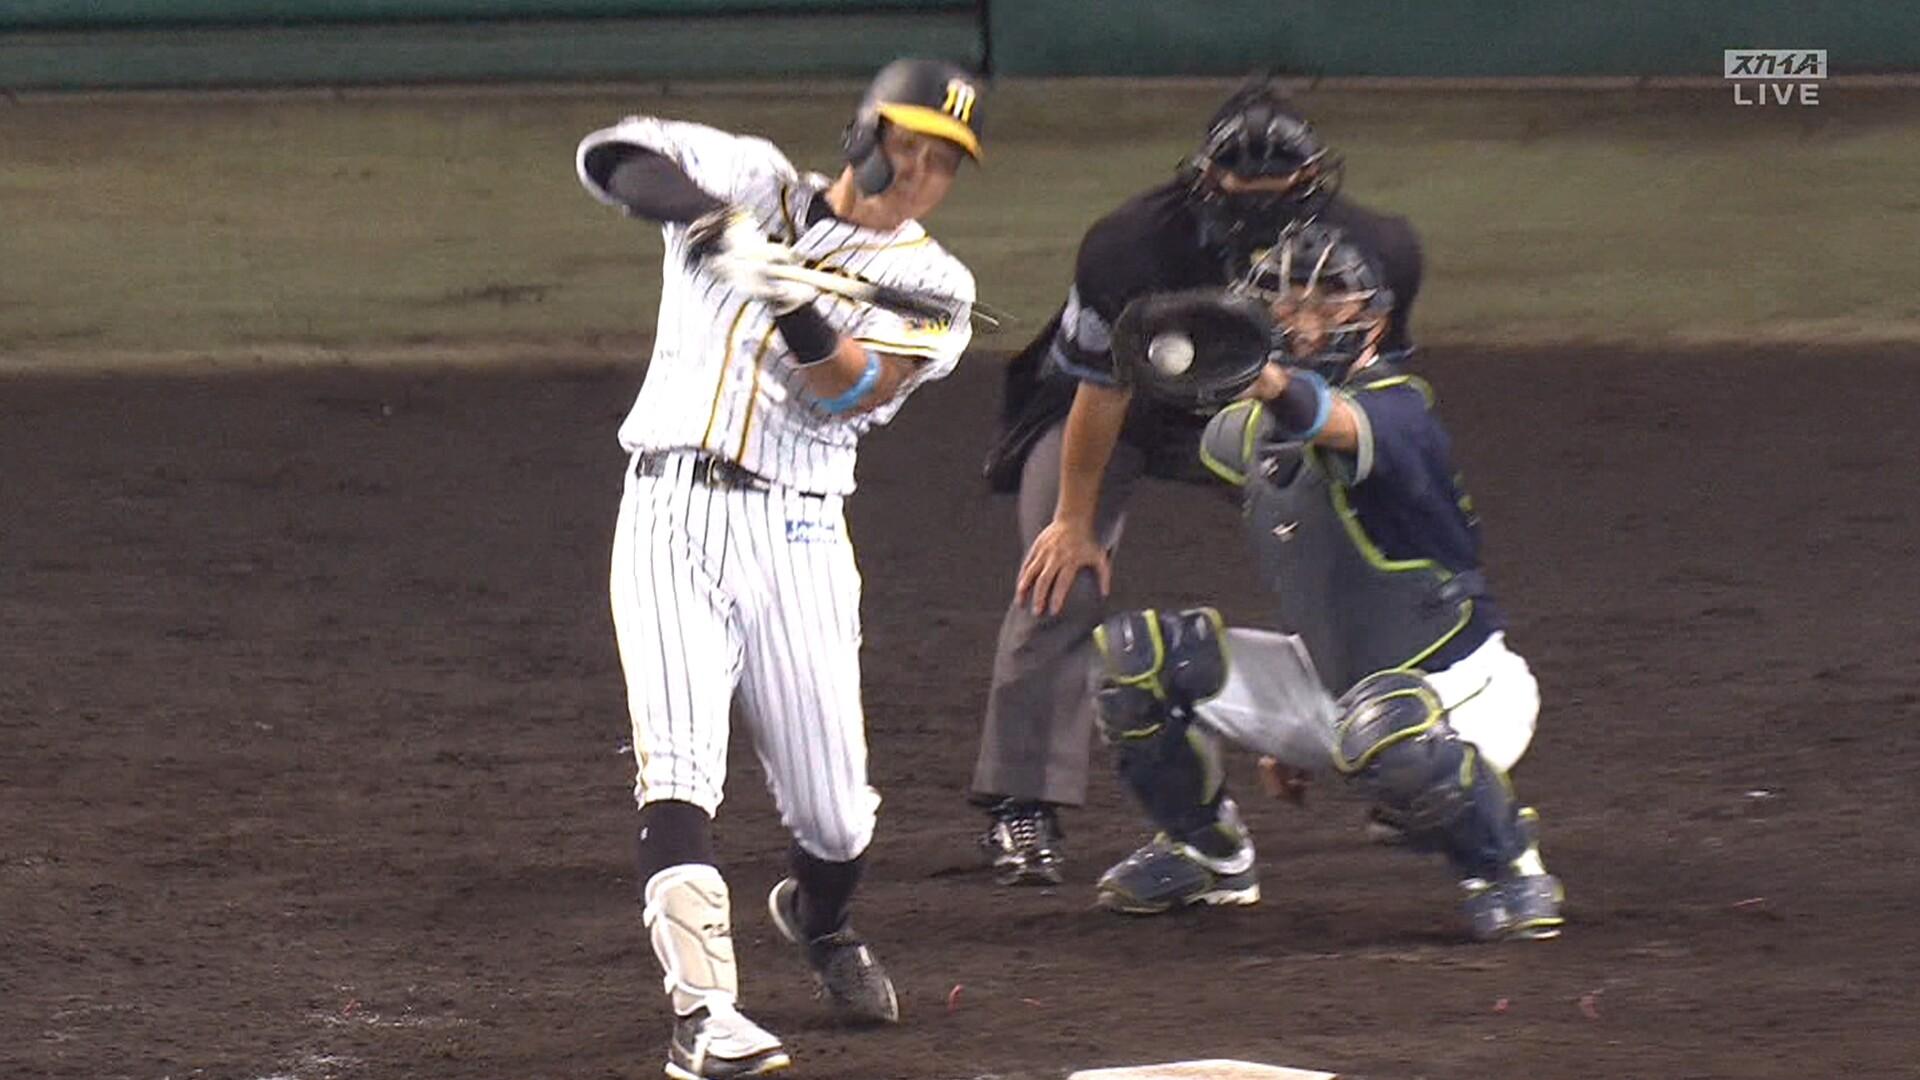 佐藤輝明、35打席連続ノーヒット 球団日本人最多の151三振